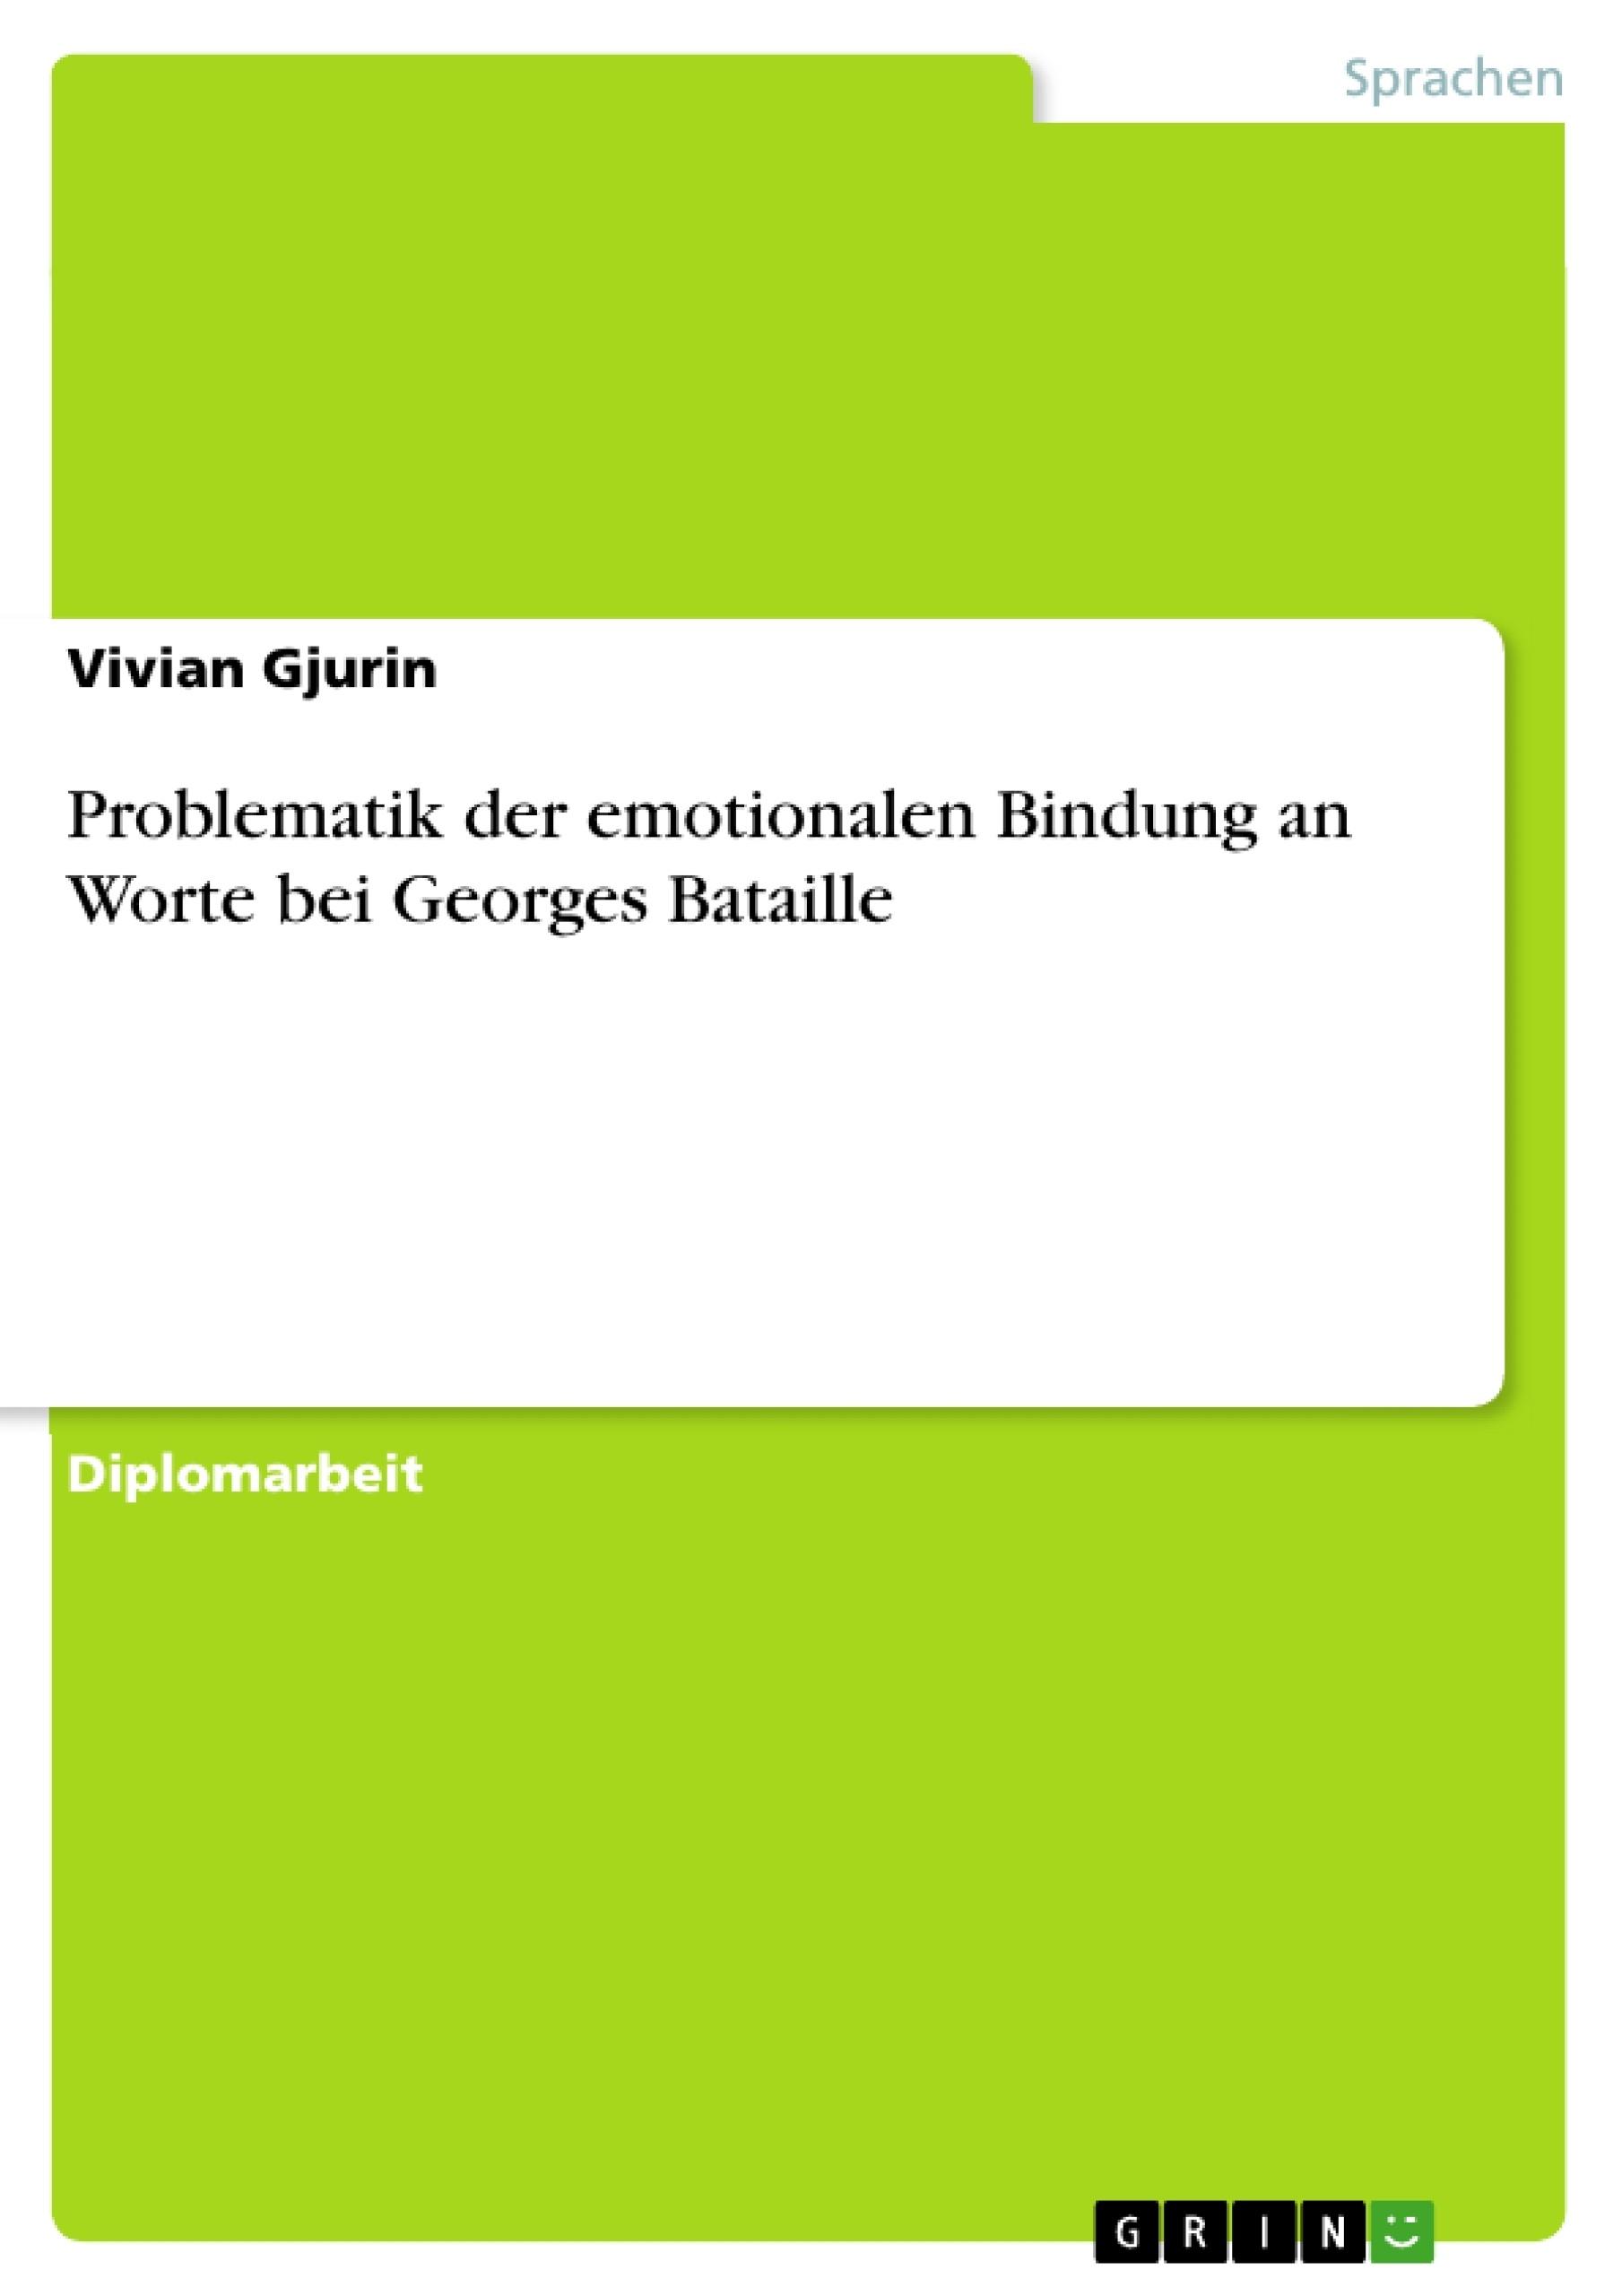 Titel: Problematik der emotionalen Bindung an Worte bei Georges Bataille